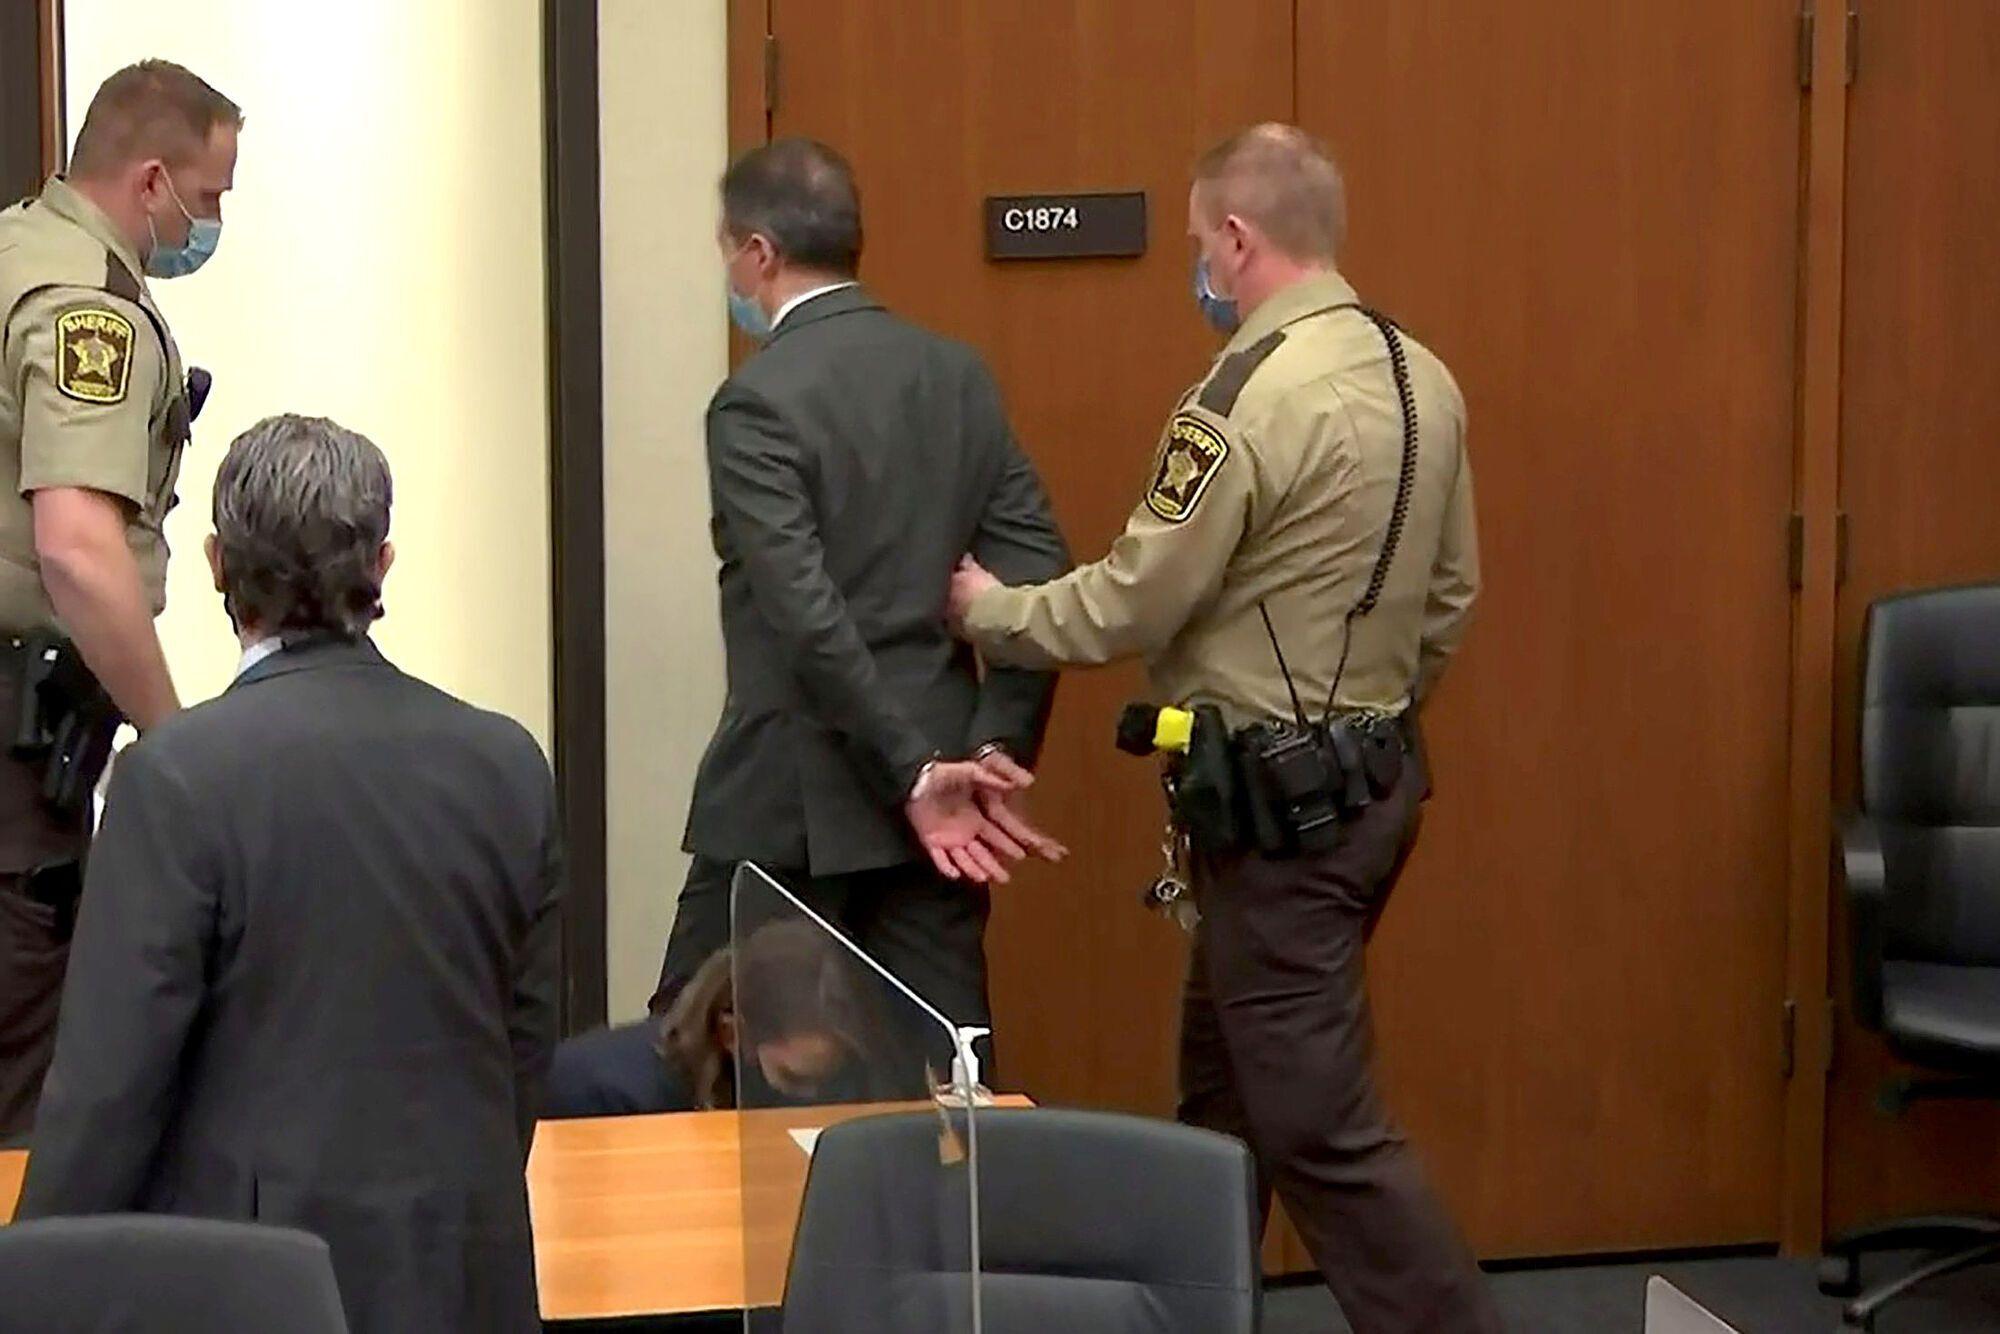 Шовина выводят в наручниках из зала суда